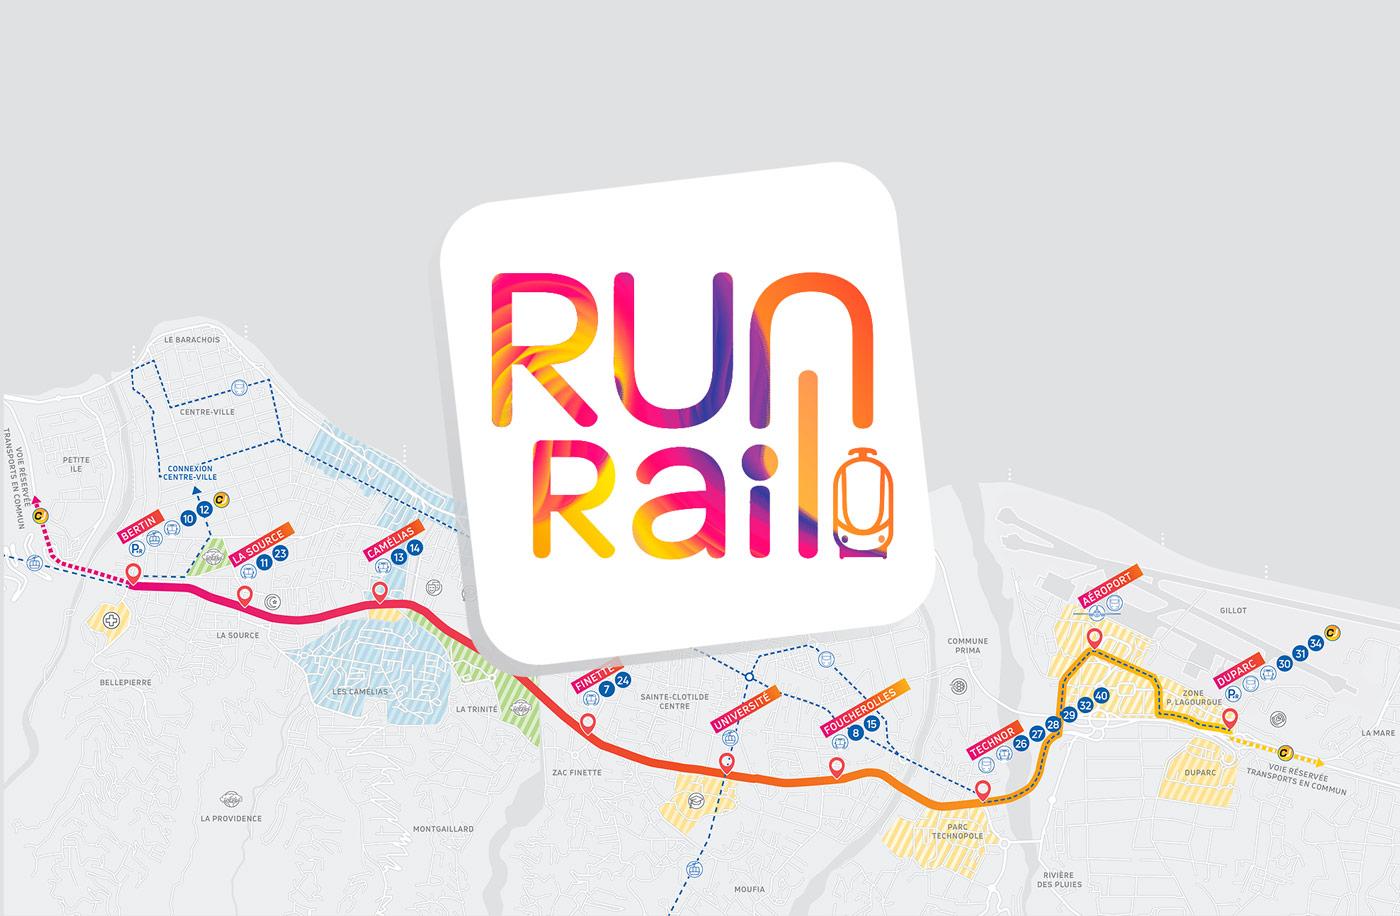 Run Rail, le nouveau transport public régional